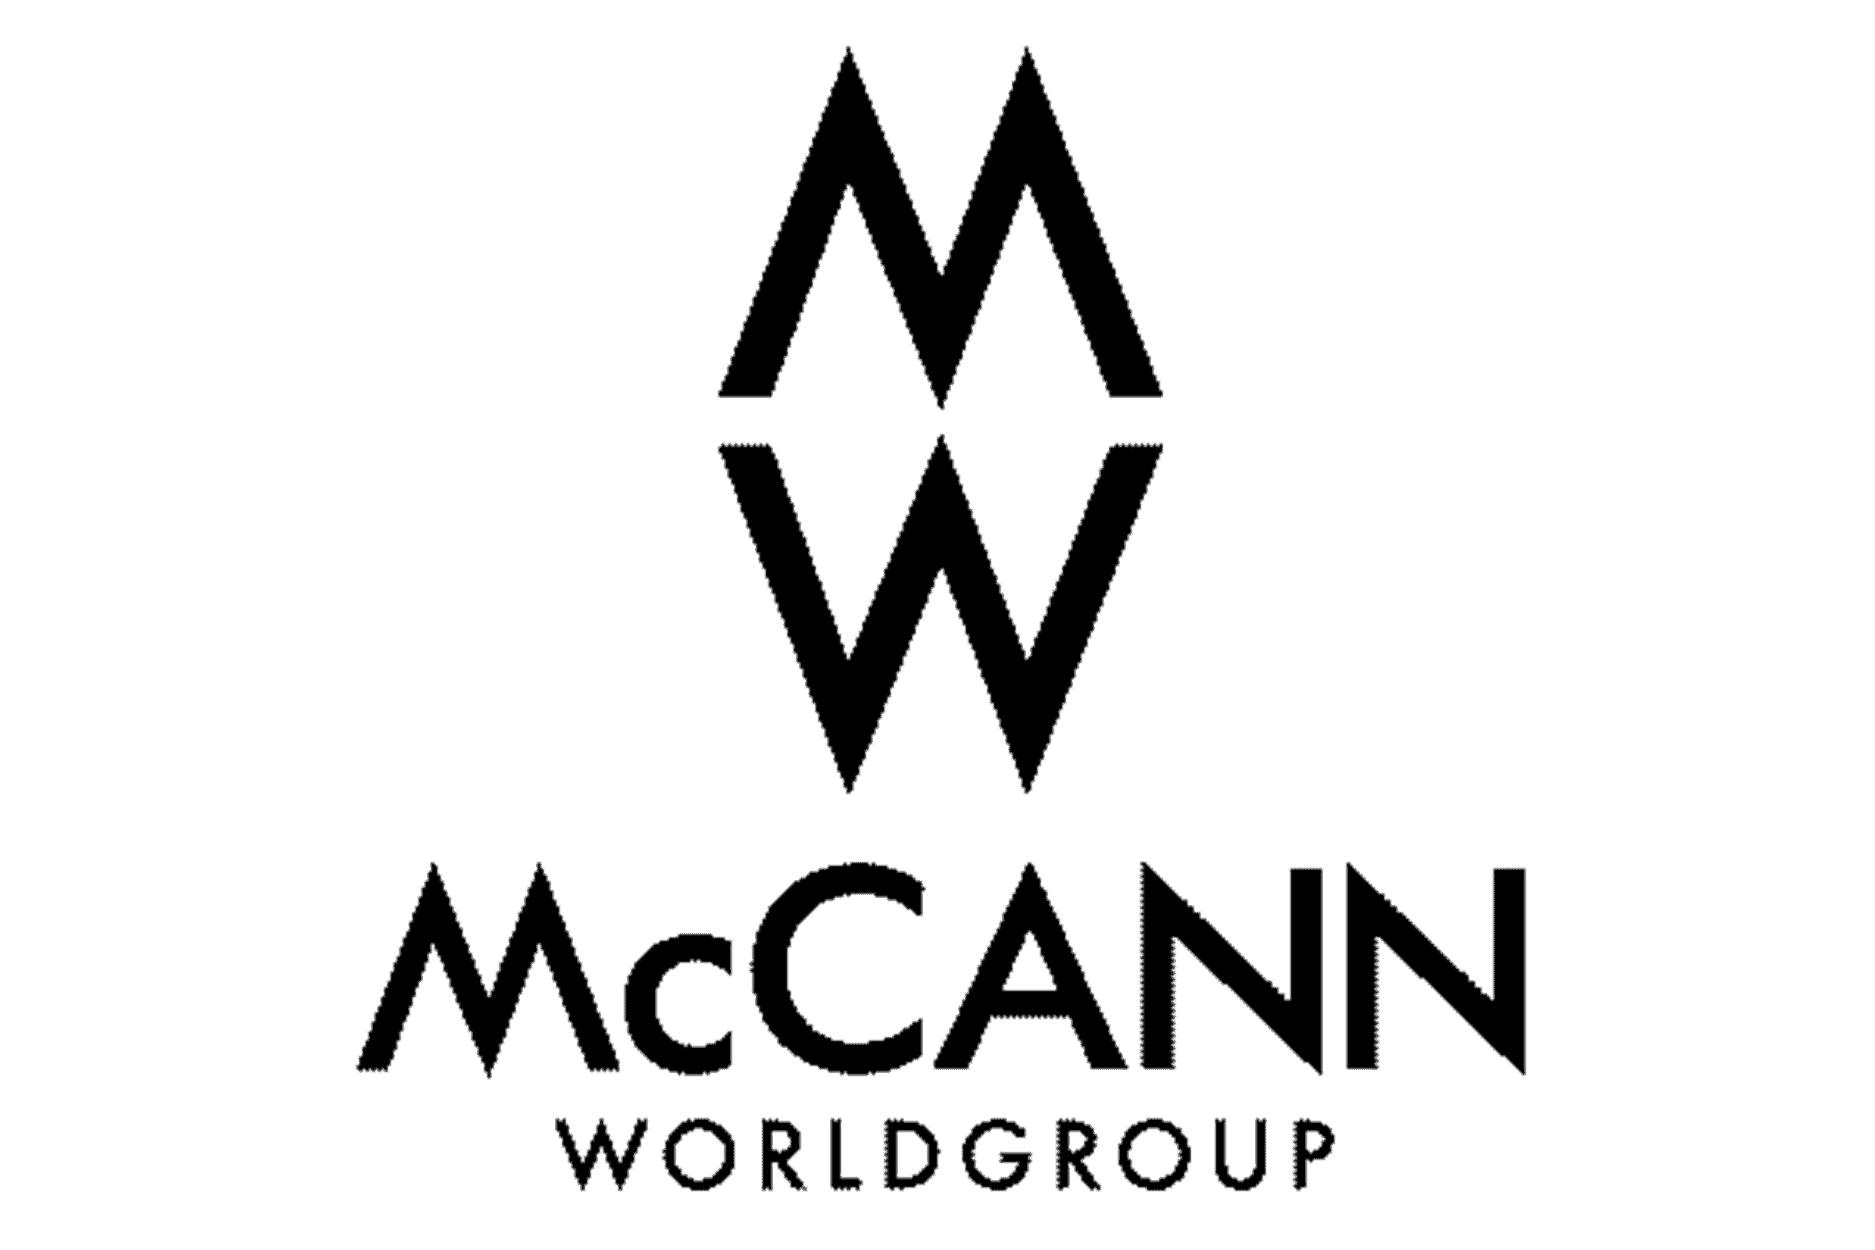 00005053_00000000_1492806802-en_logo